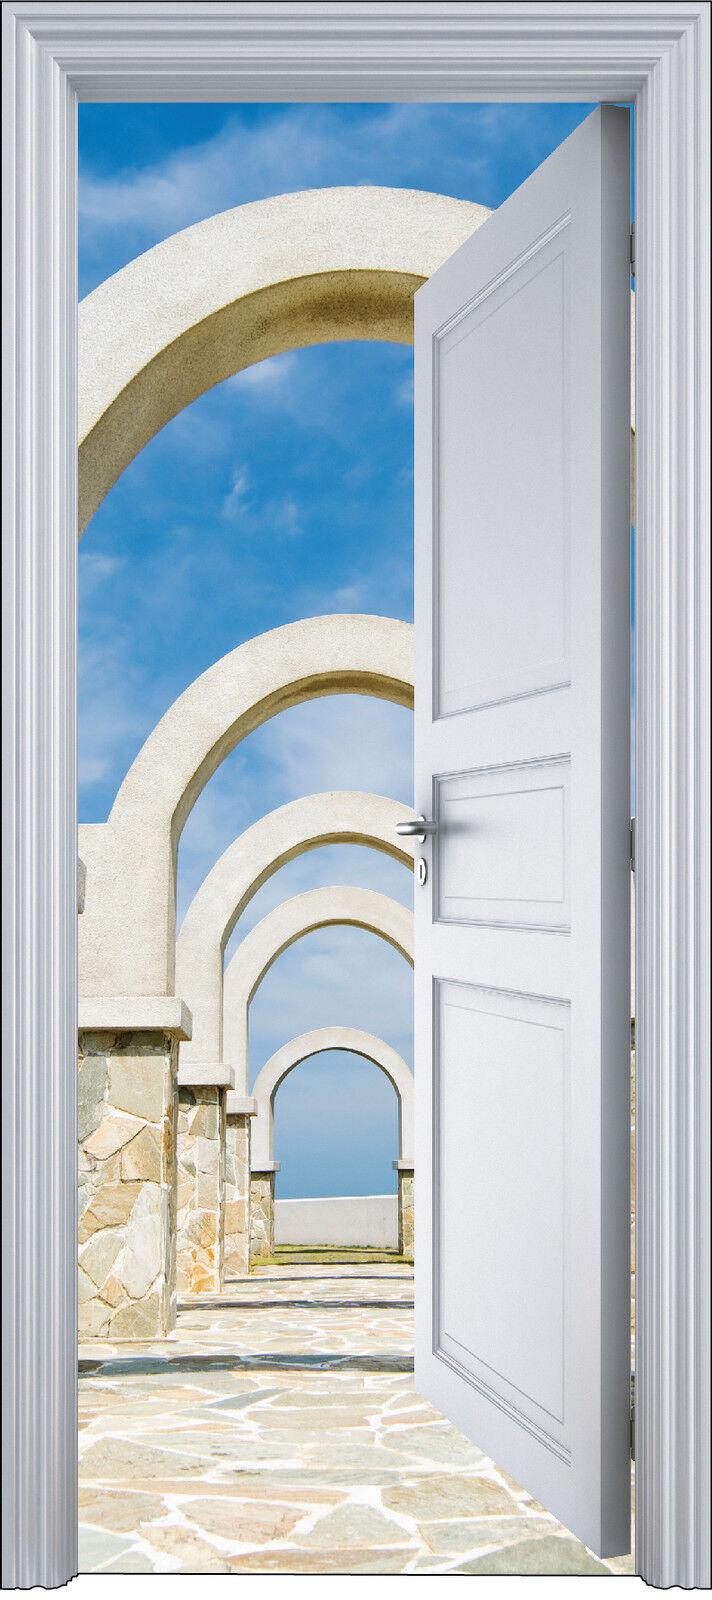 Adhesivo Puerta Trompa Trampantojo Decoración Arcos 90x200 cm Ref 2133